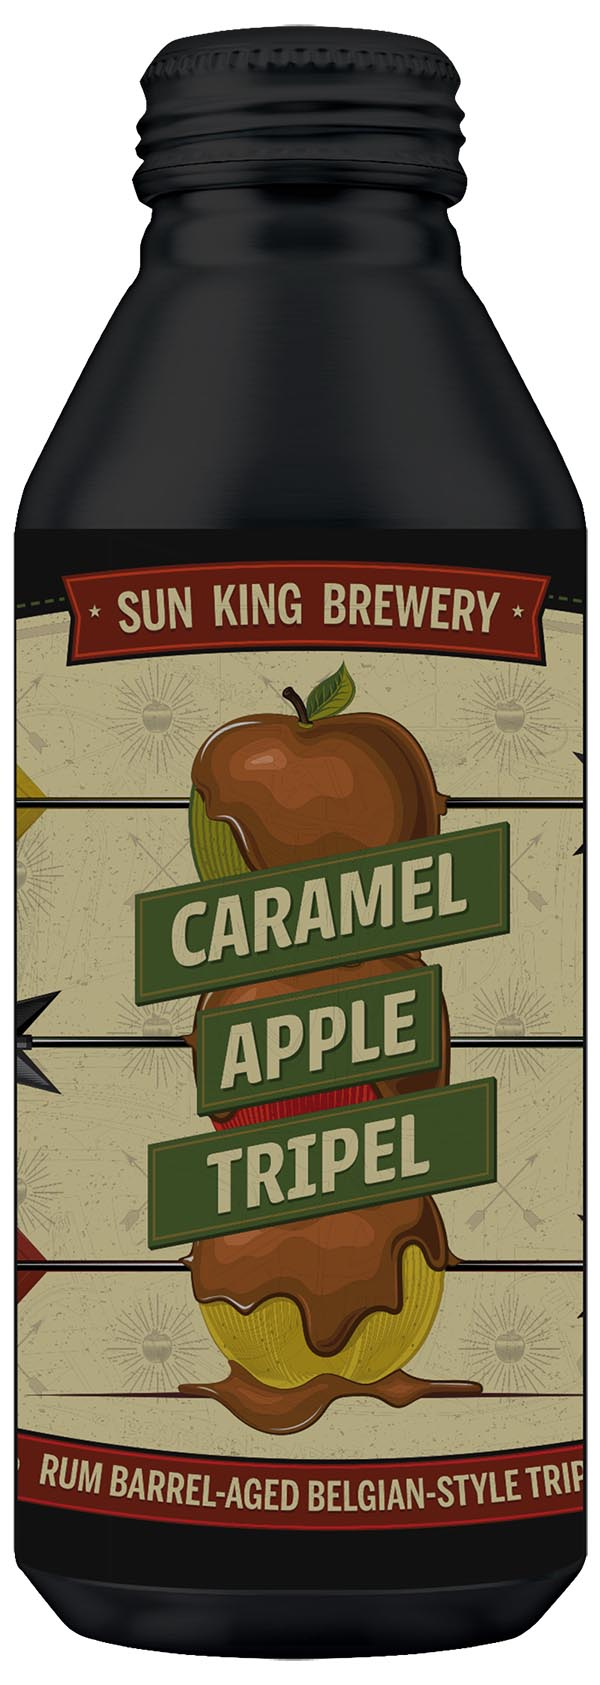 Caramel Apple Tripel Rum Barrel Aged Beligan Style Tripel